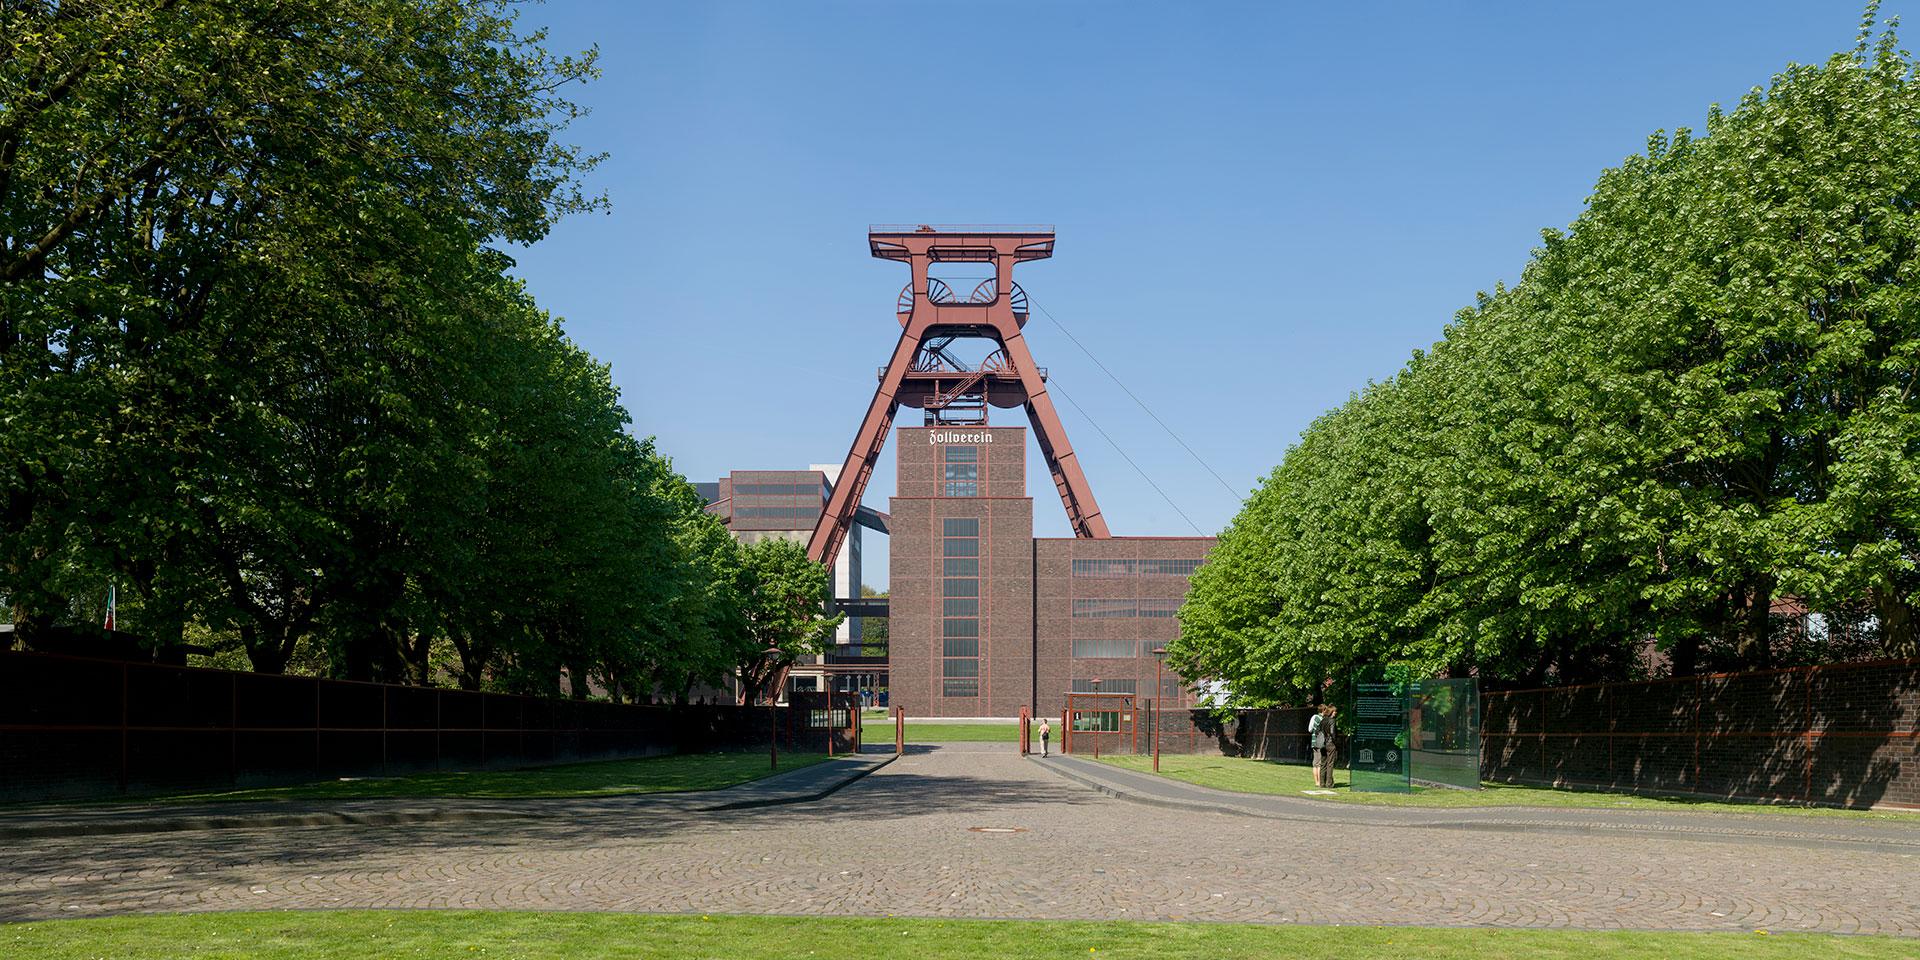 Fördergerüst | Zeche Zollverein - Essen - Deutschland